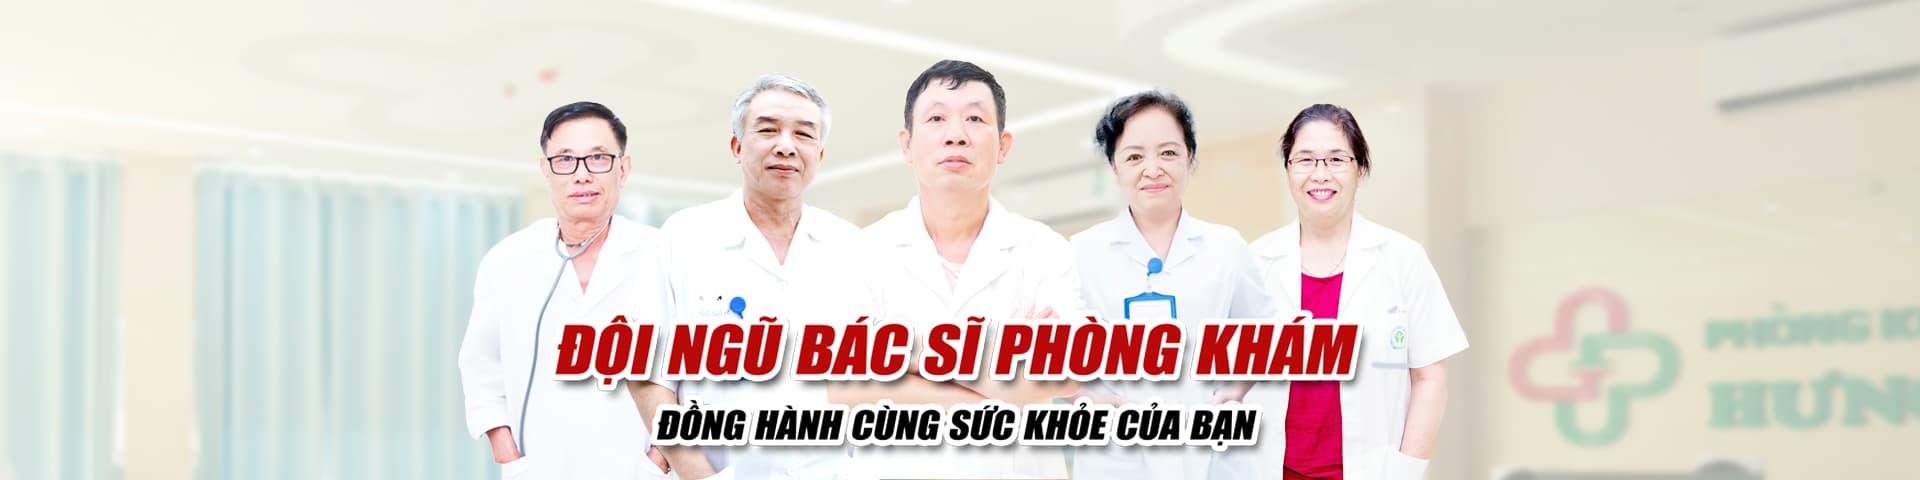 Giới thiệu đội ngũ bác sĩ